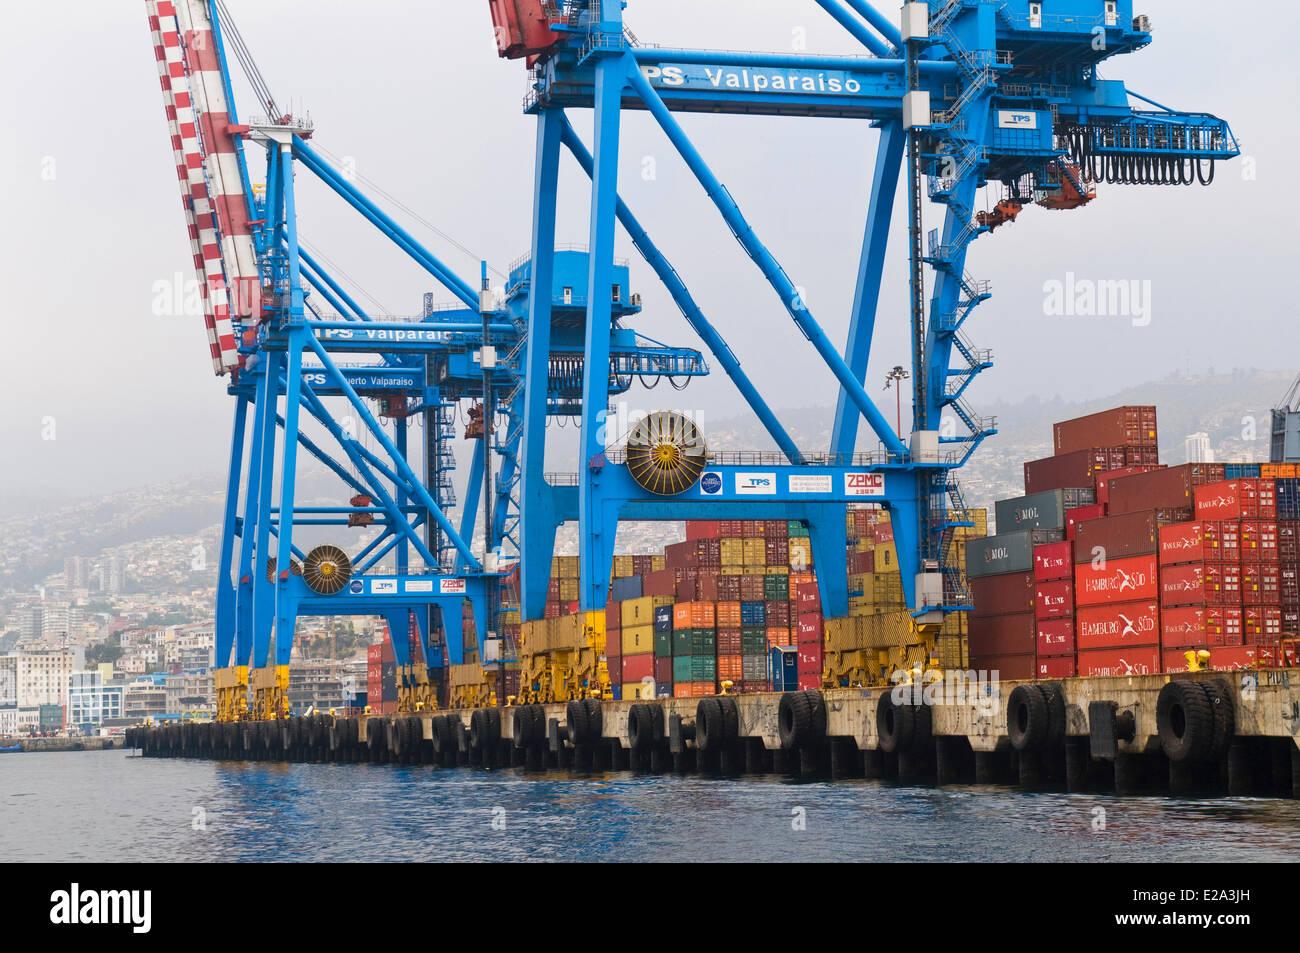 Chile, Valparaiso Region, Valparaiso, harbour - Stock Image